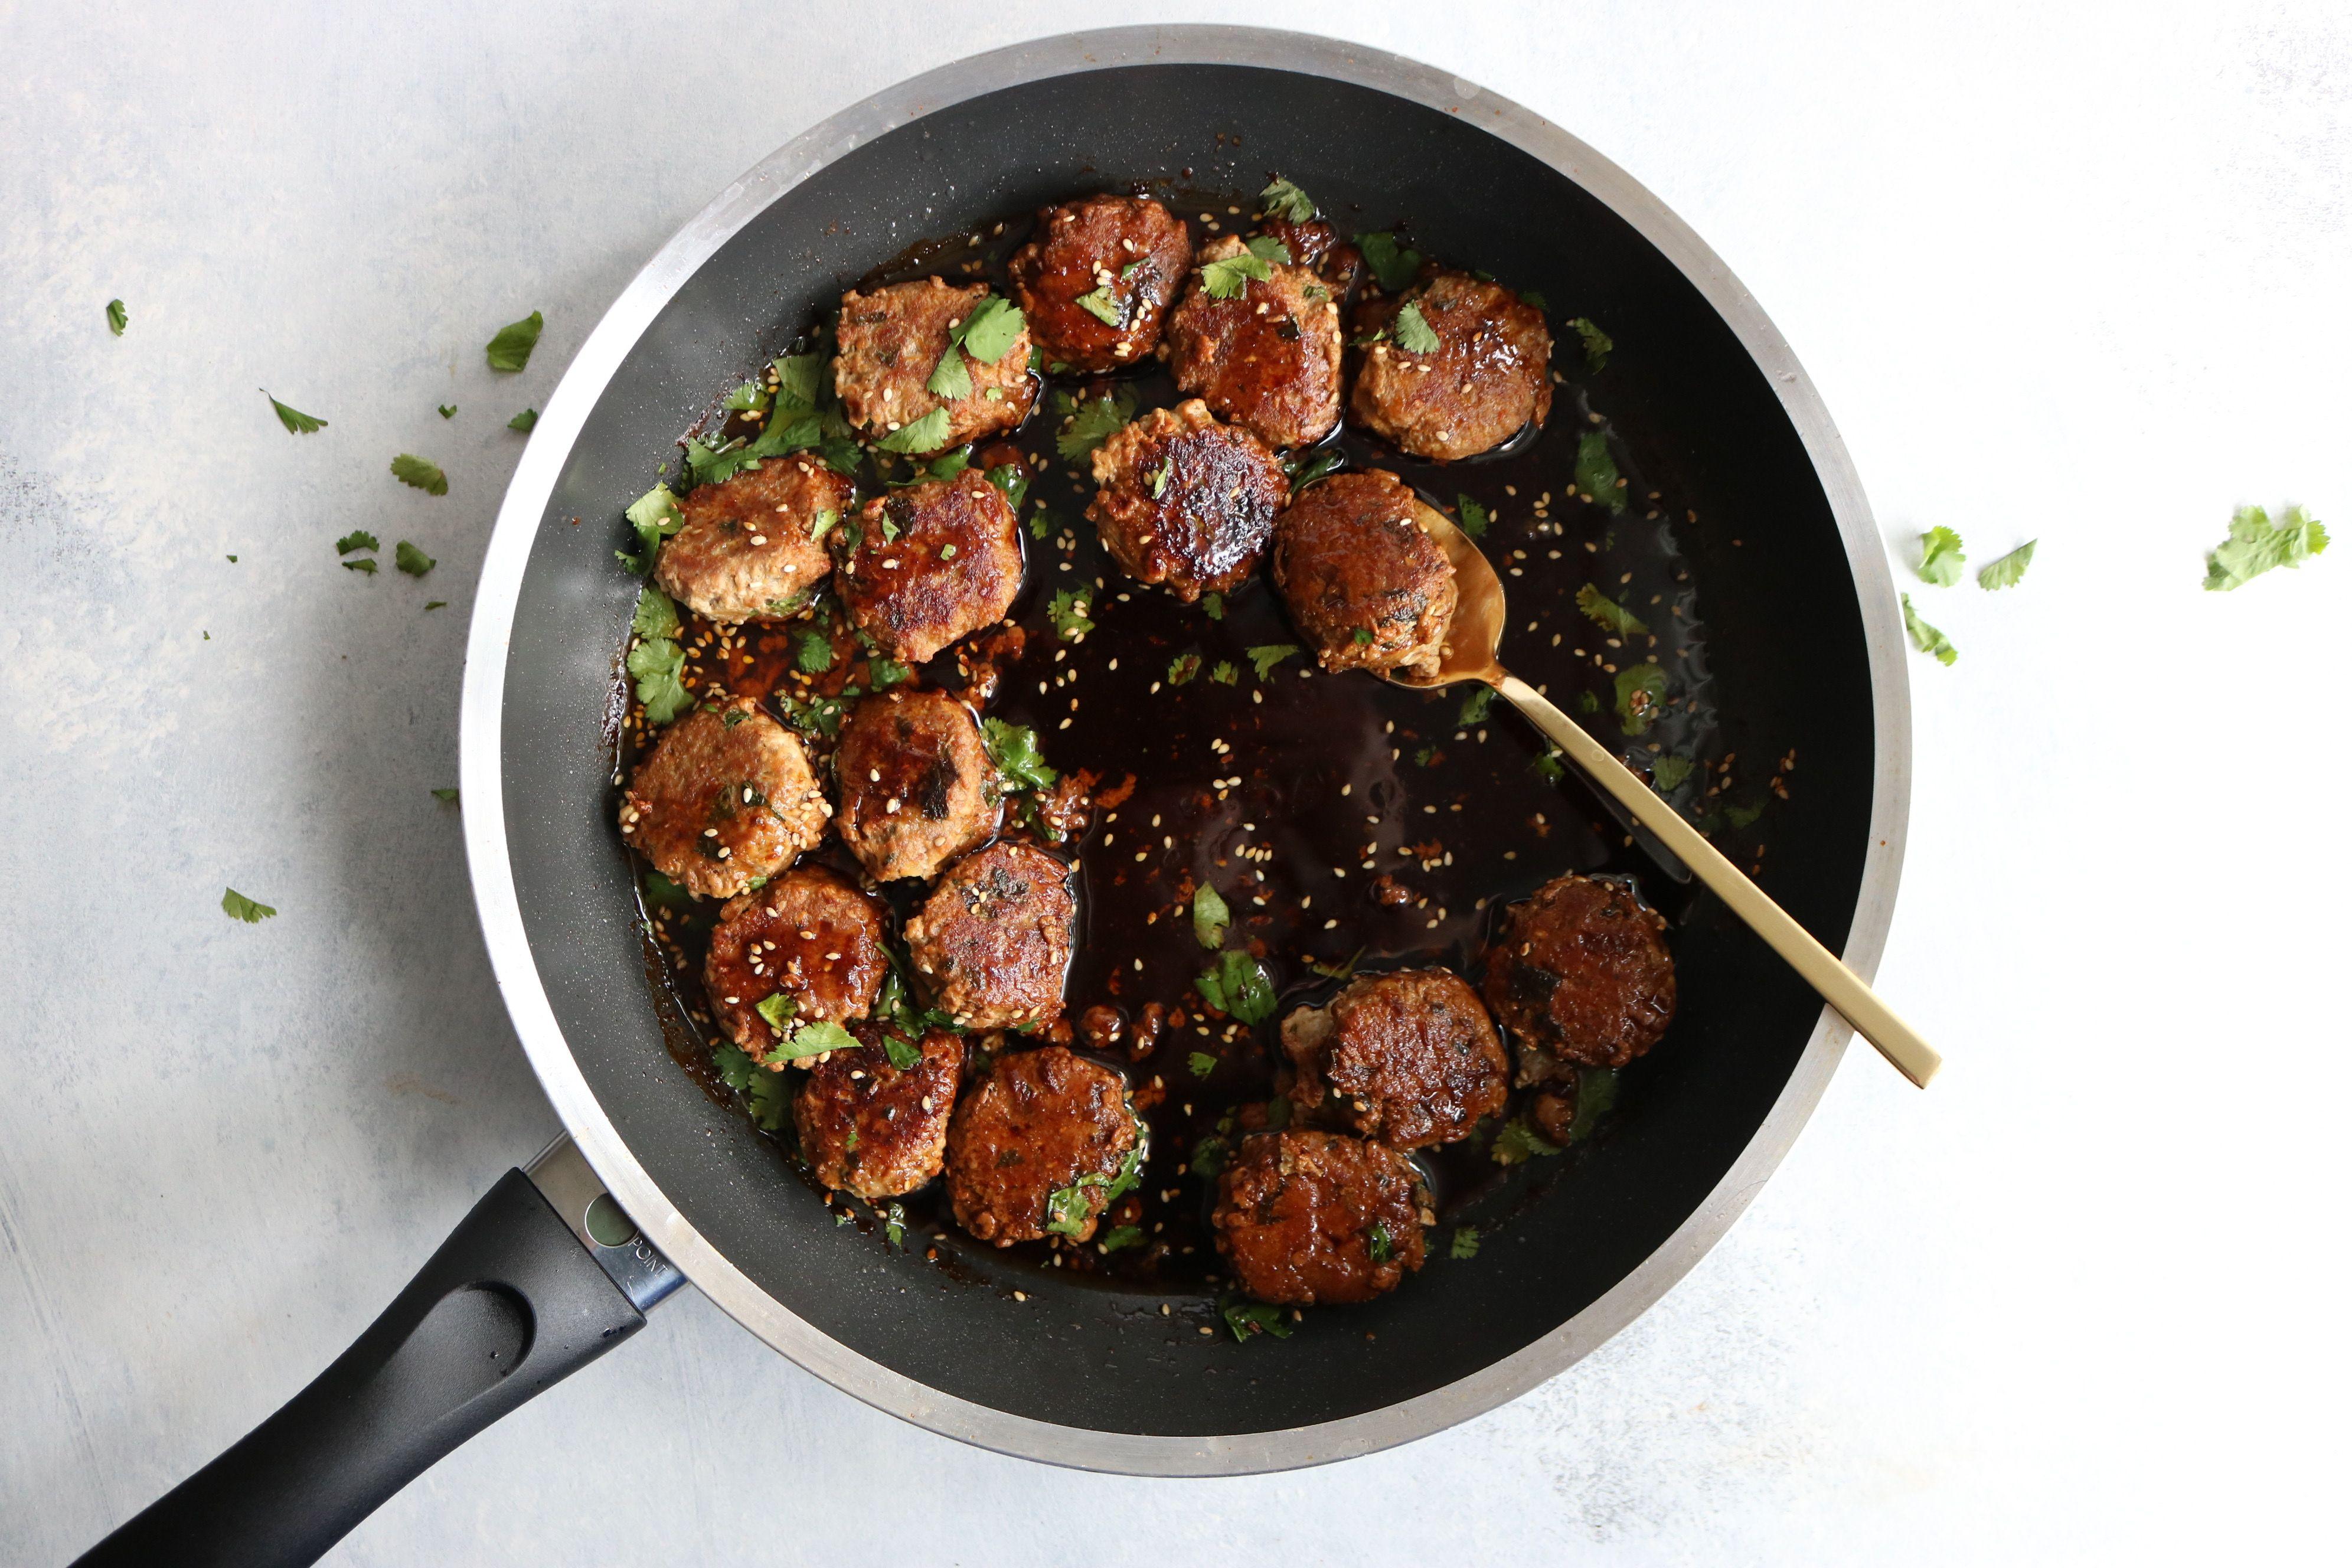 Phantasy Asian Turkey Meatballs Recipe Pinterest Recipes Made So Far Asian Turkey Asian Low Carb Recipes Asian Turkey Meatballs Recipe Pinterest Recipes Made So Far